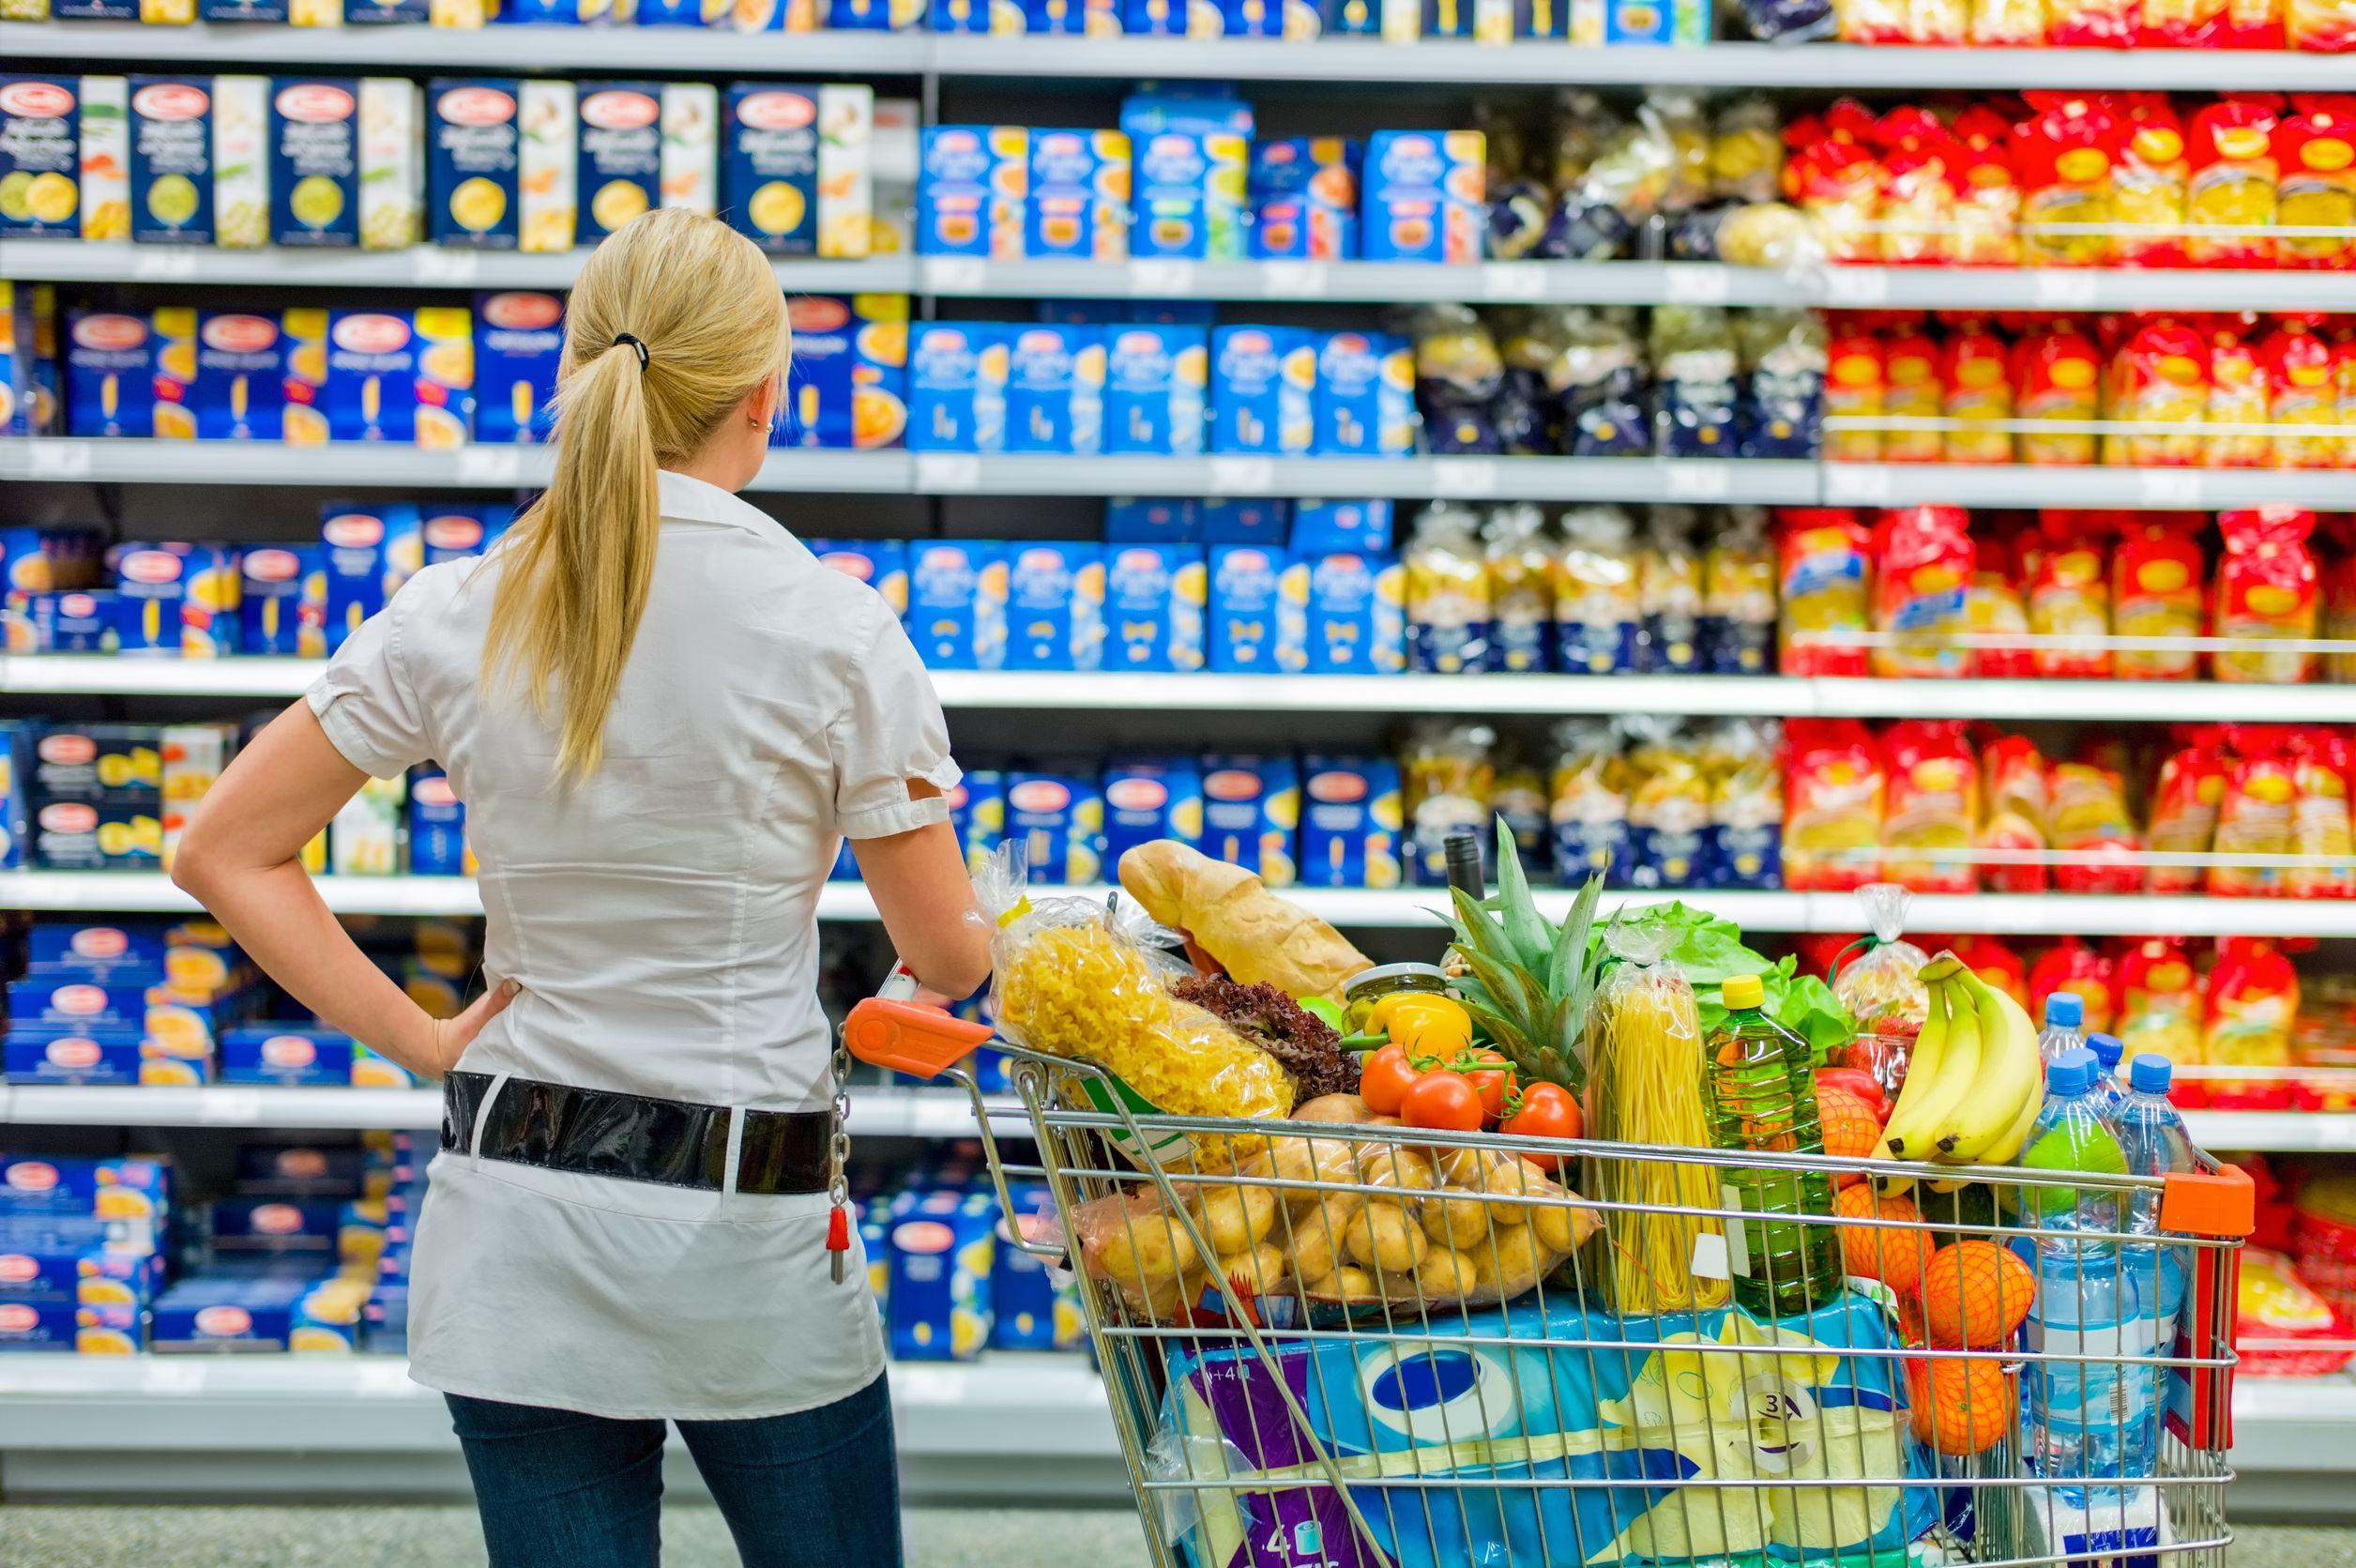 Diez noticias para recordar cómo fue el año 2017 en gran consumo